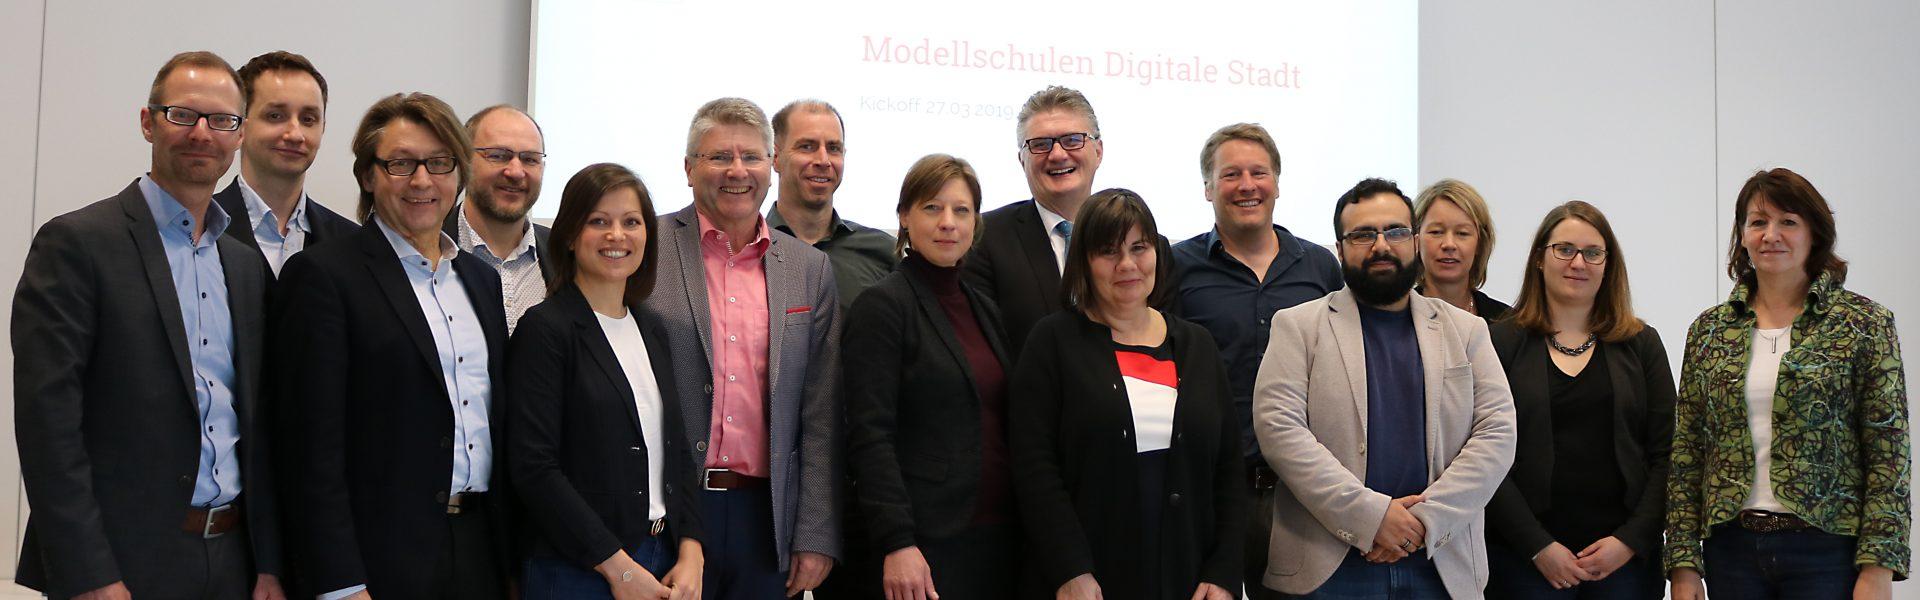 Header Bild Digitalstadt Darmstadt begleitet drei Darmstädter Schulen auf dem Weg zu Medienkompetenz vermittelnden Lehreinrichtungen